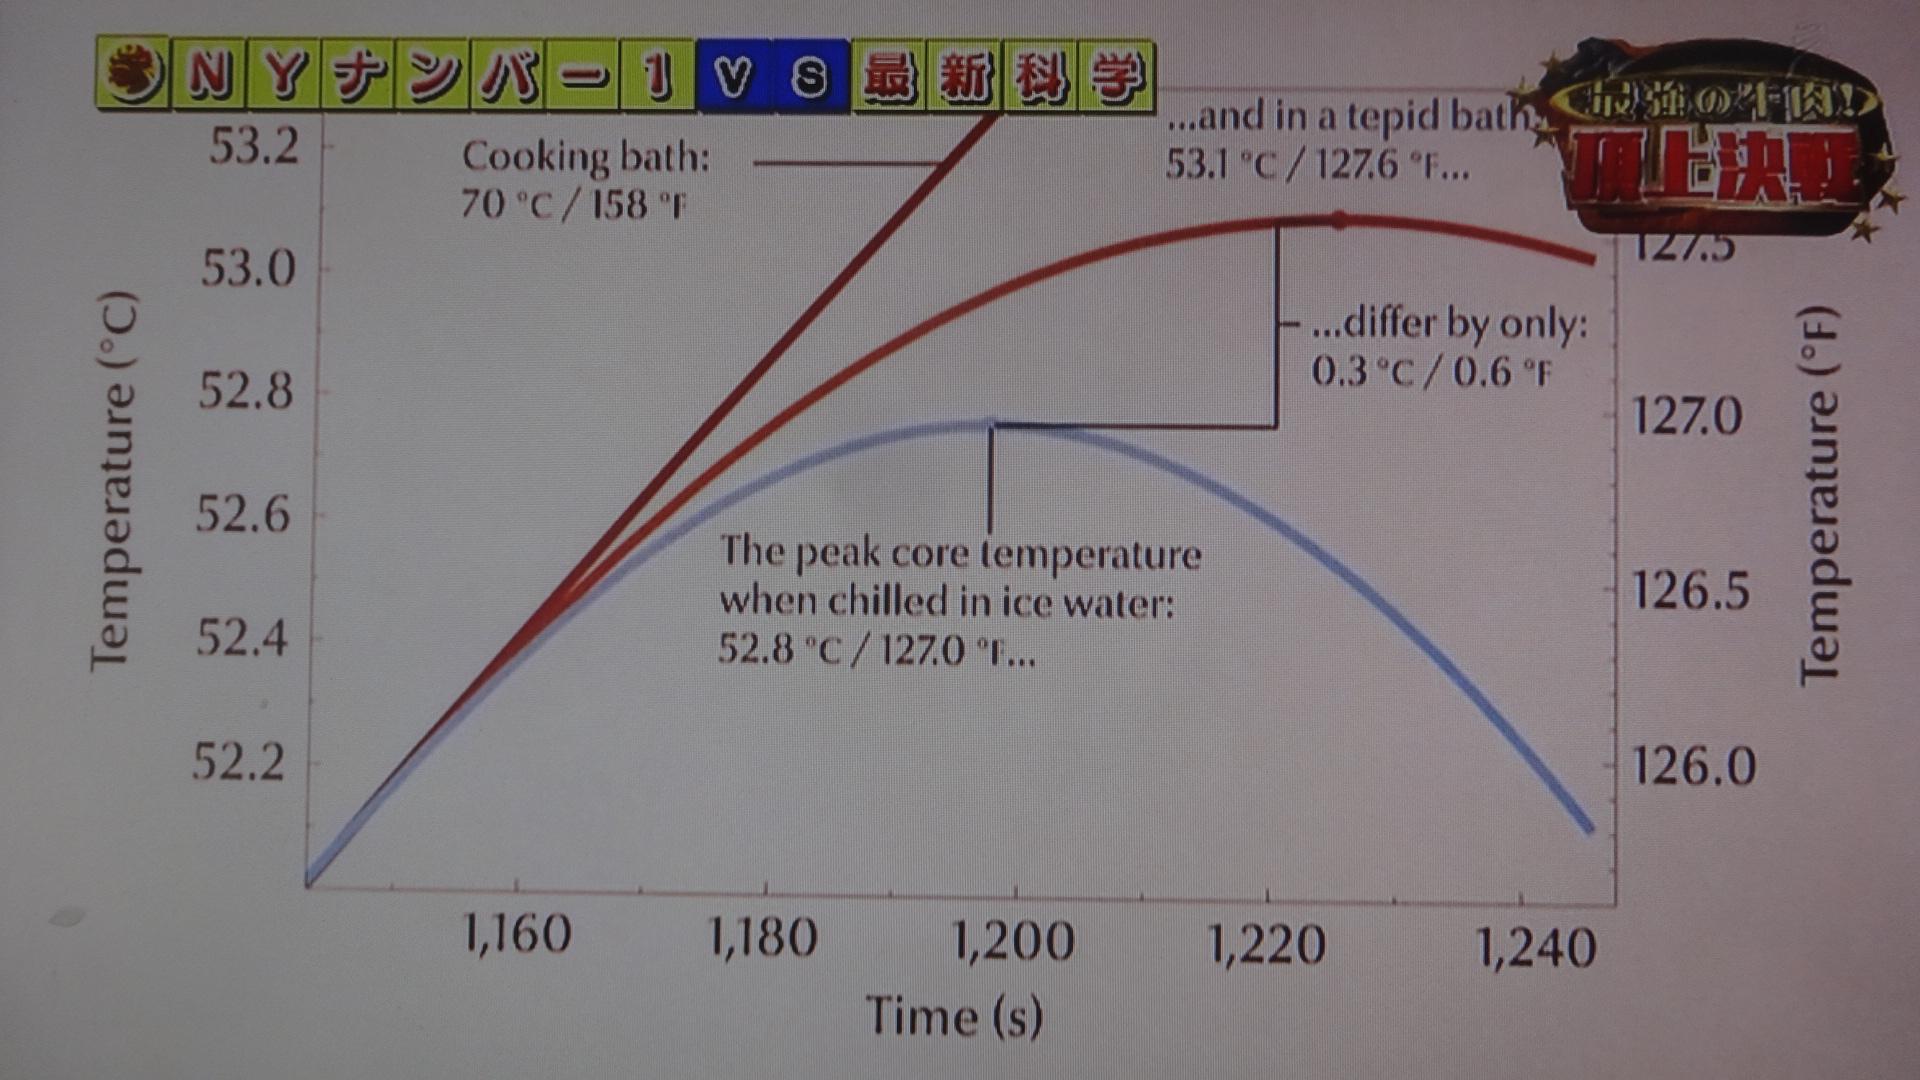 加熱温度と時間の差異により 食材の質がどう変化するか示したグラフ